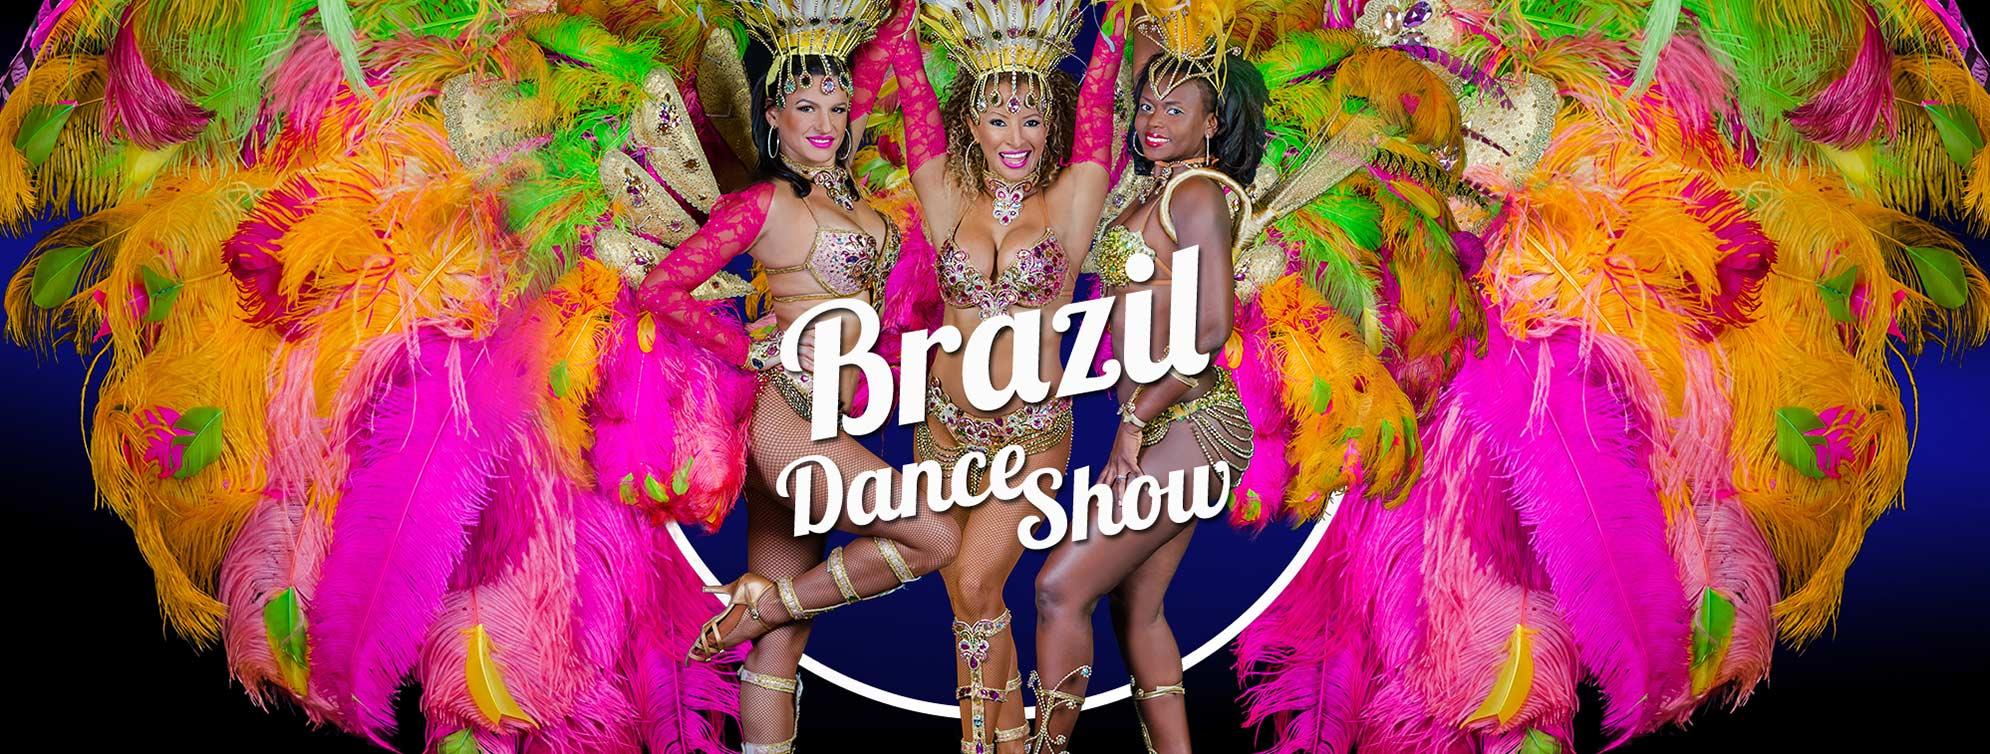 להקת רקדניות ברזילאיות לטיניות AnnasDance